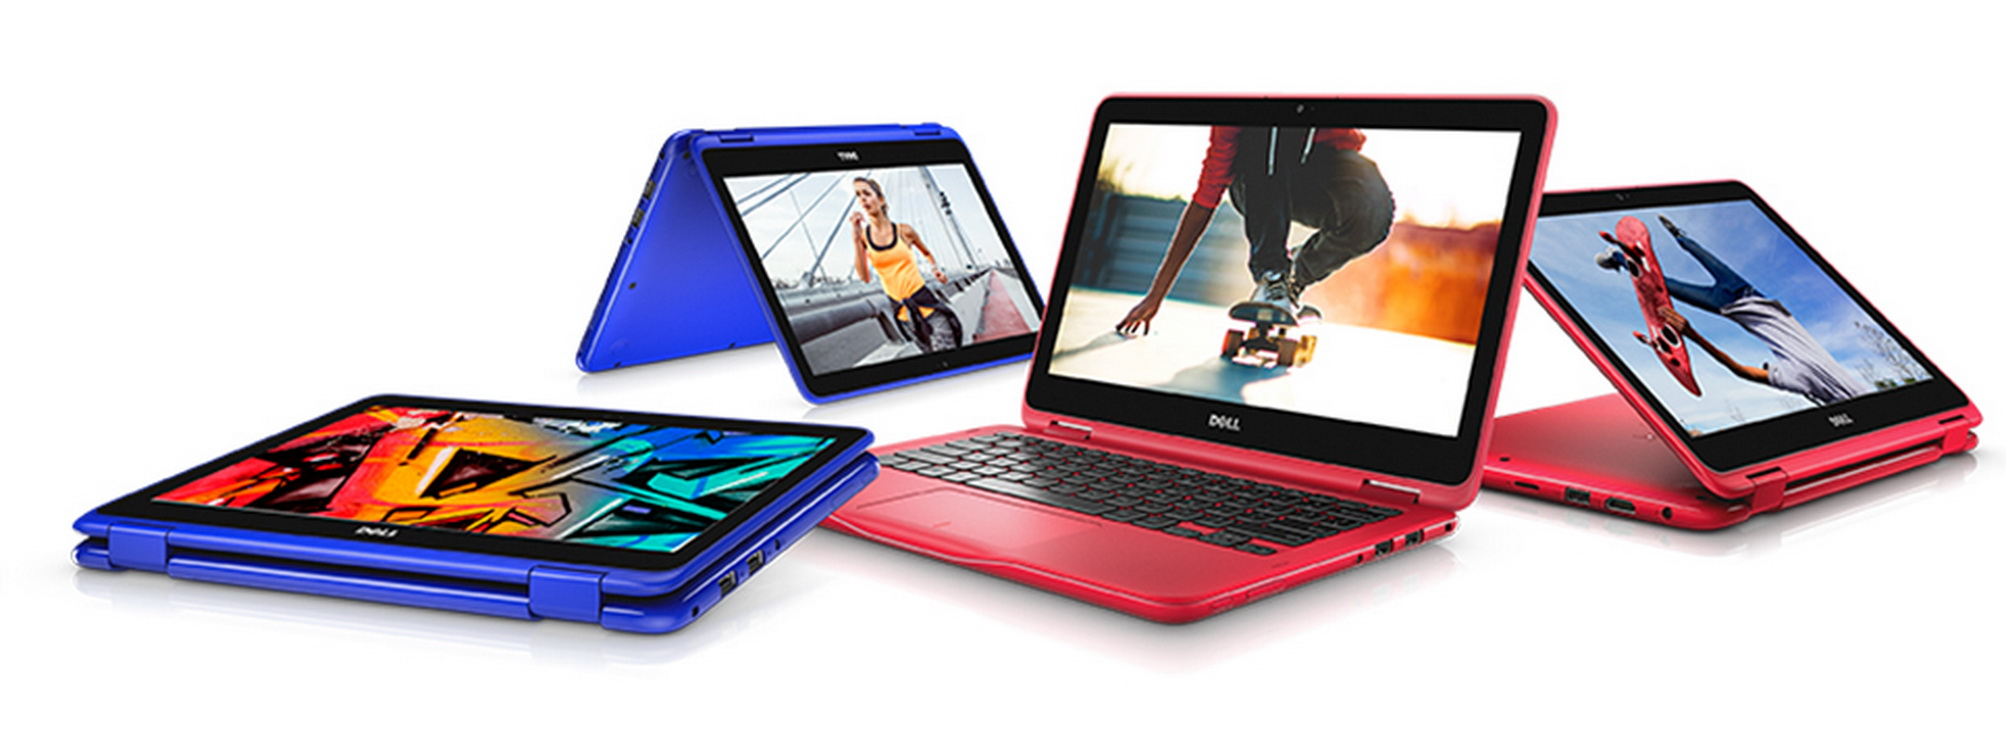 Inspiron 3169 thiết kế gập xoay 360 độ, nhiều sắc màu để chọn lựa